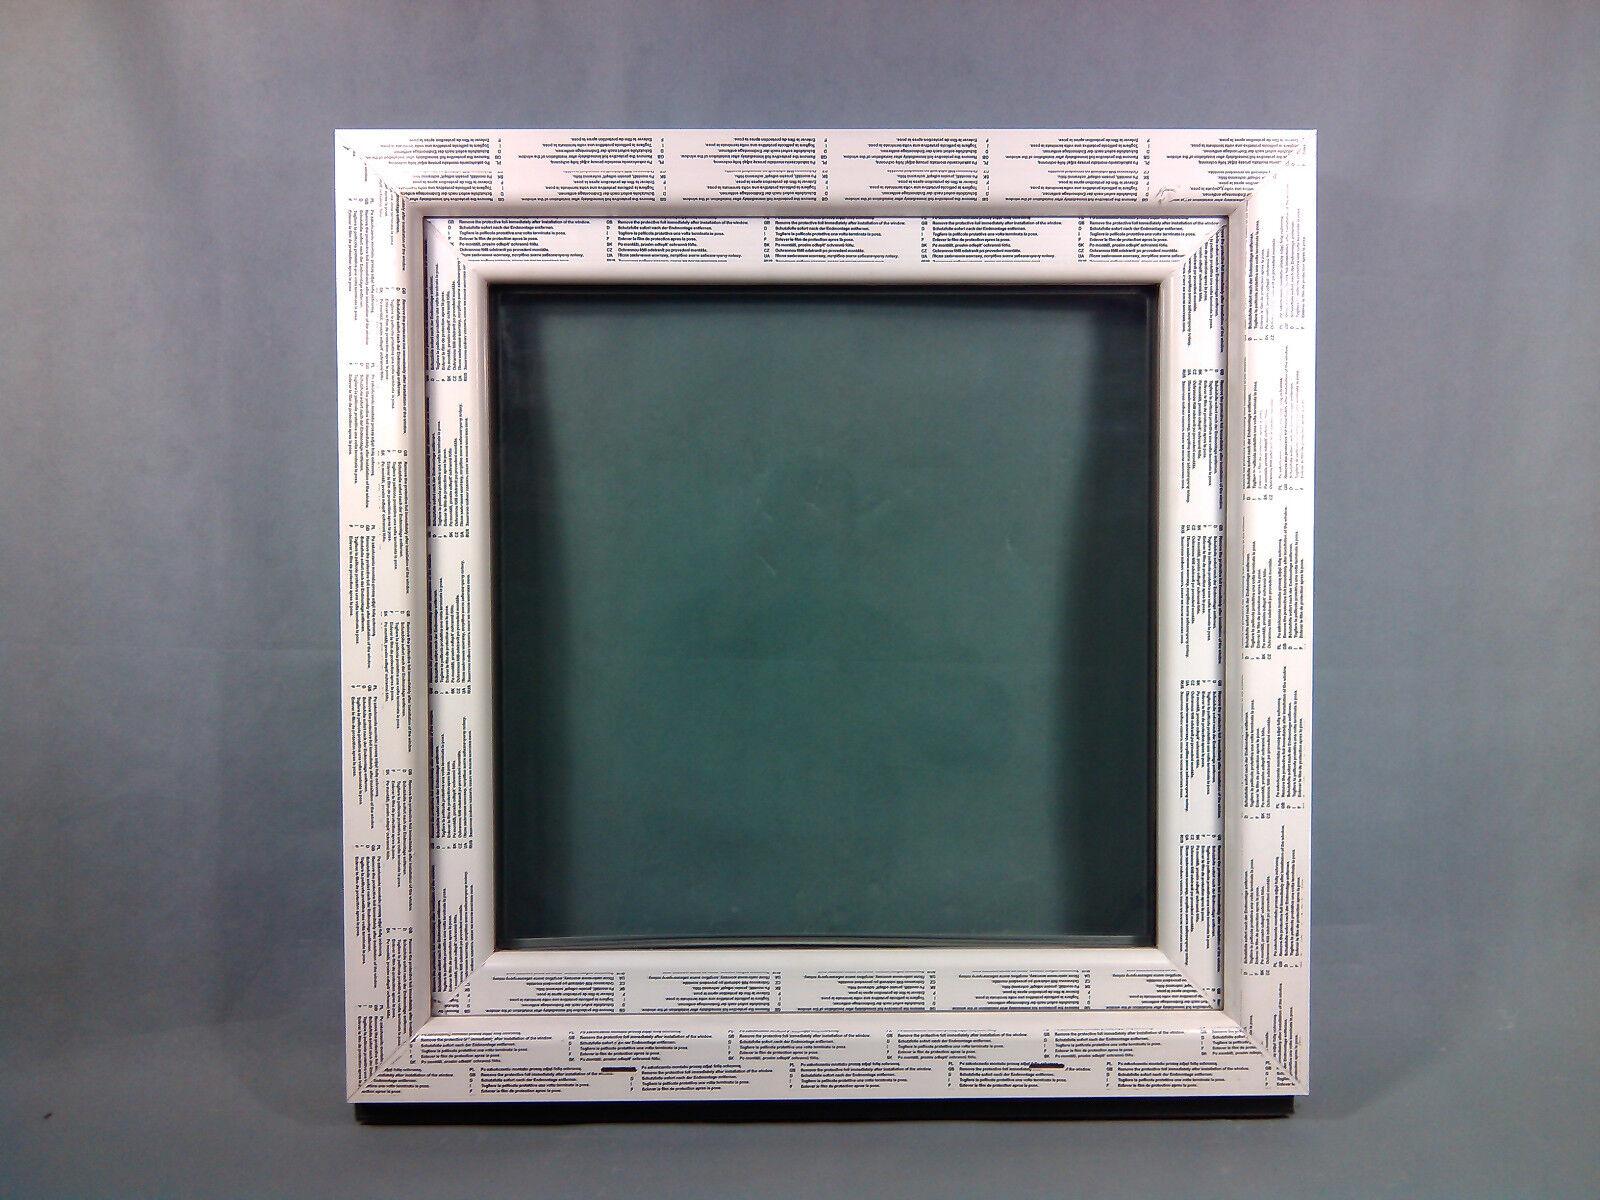 Kunststofffenster Fenster Salamander, 80x80 cm bxh, weiß